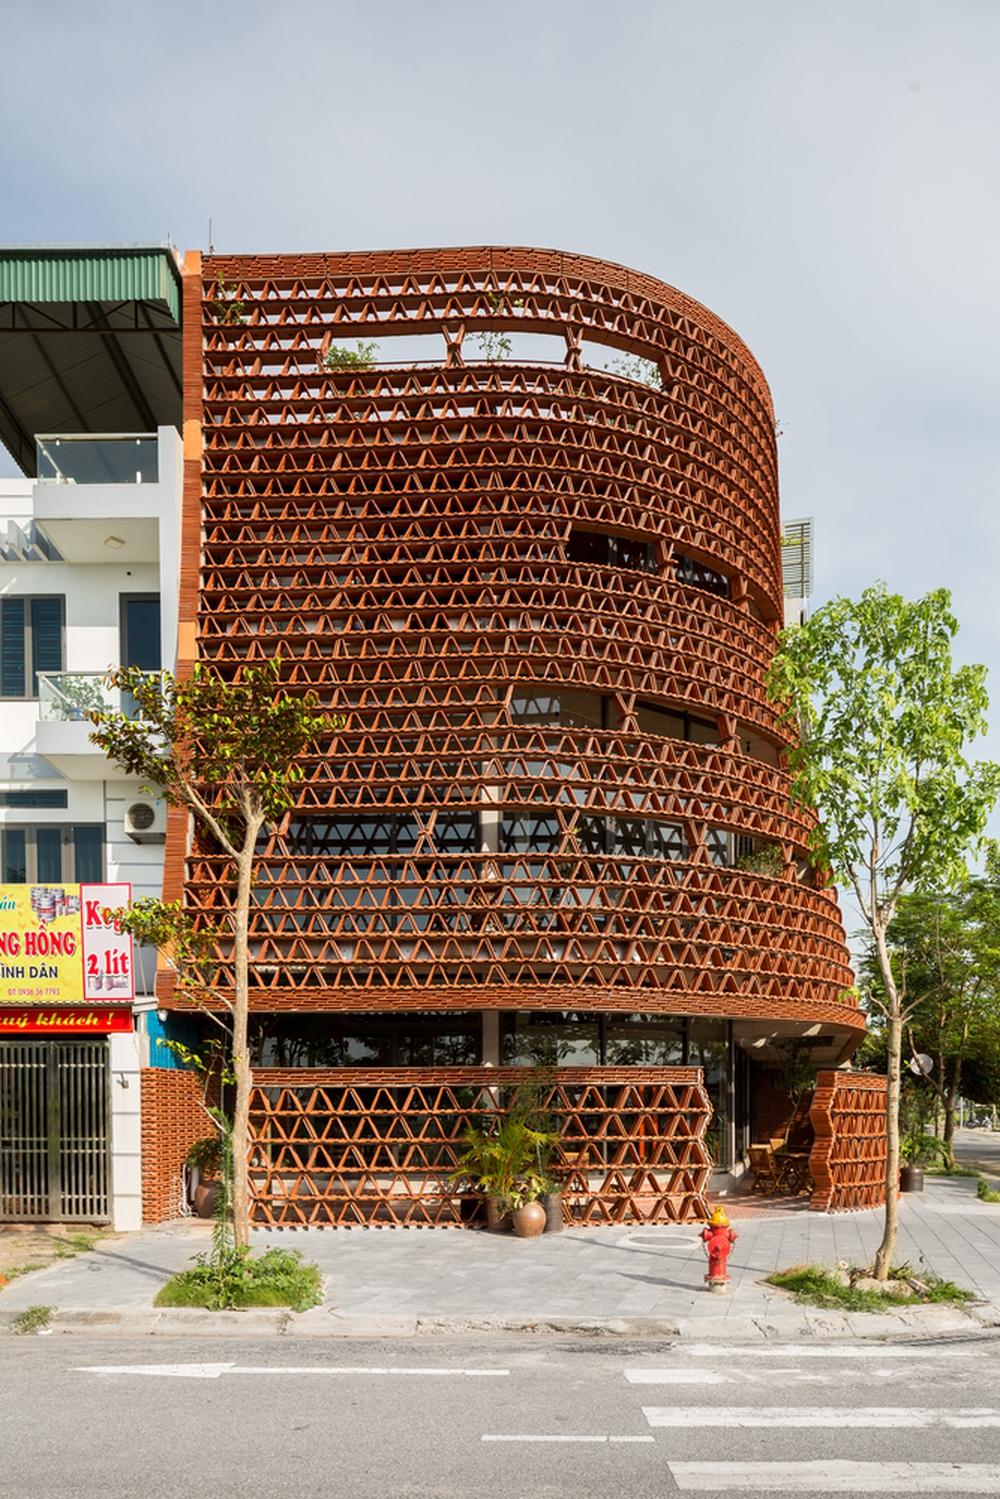 Quán cà phê lấy cảm hứng từ cành cây và hang động của người tiền sử ở Hà Nội đẹp lạ trên báo Mỹ - Ảnh 2.